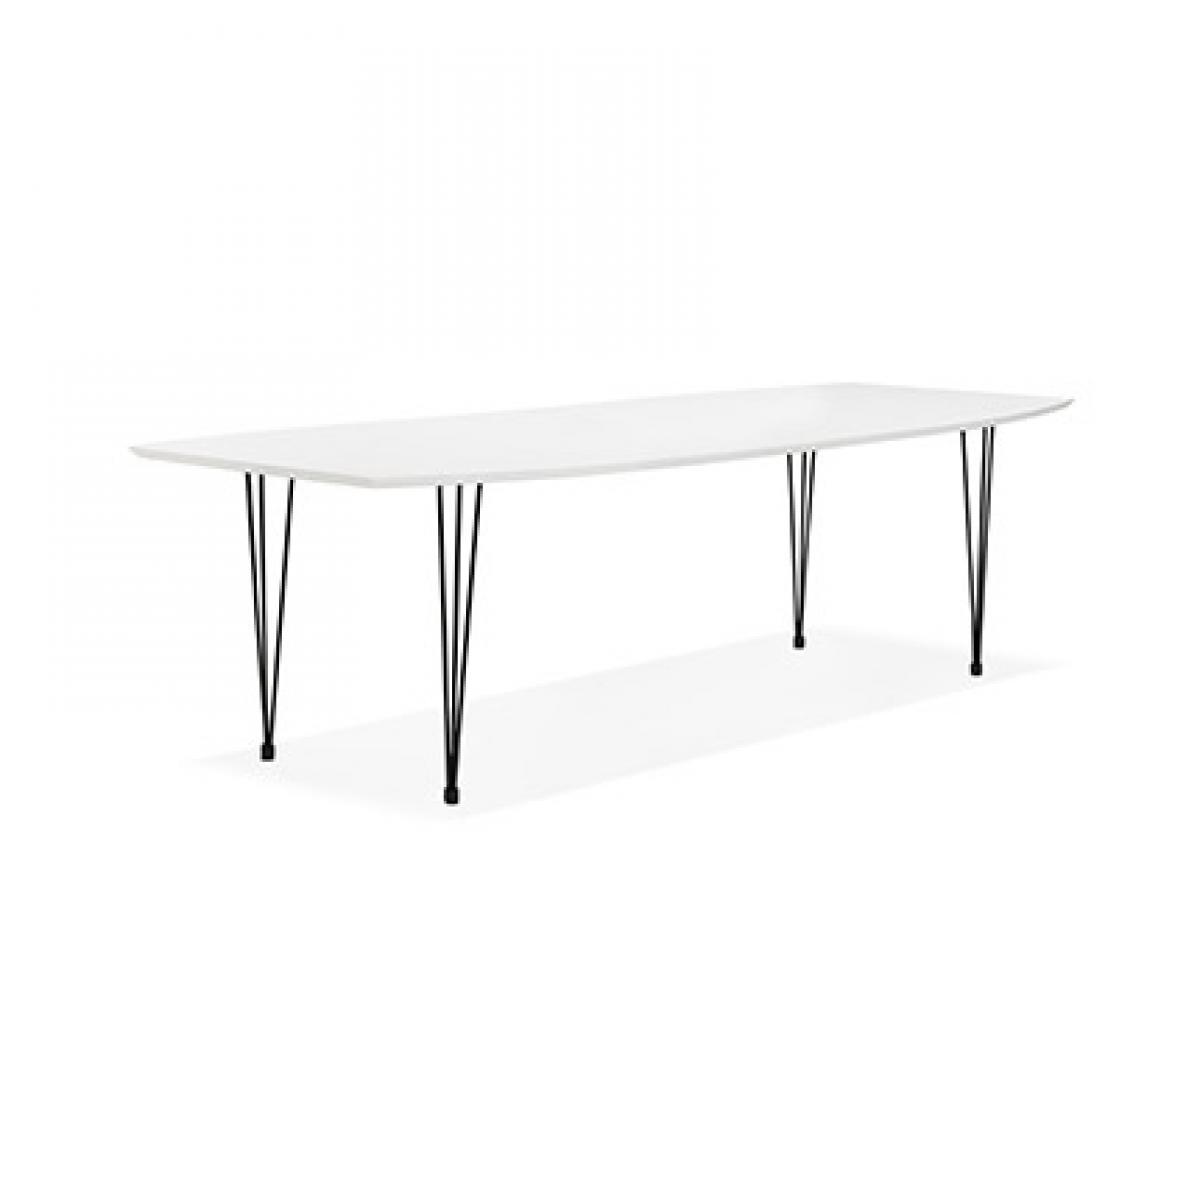 Paris Prix Table à manger design 270x100x73 cm en bois blanc et métal noir